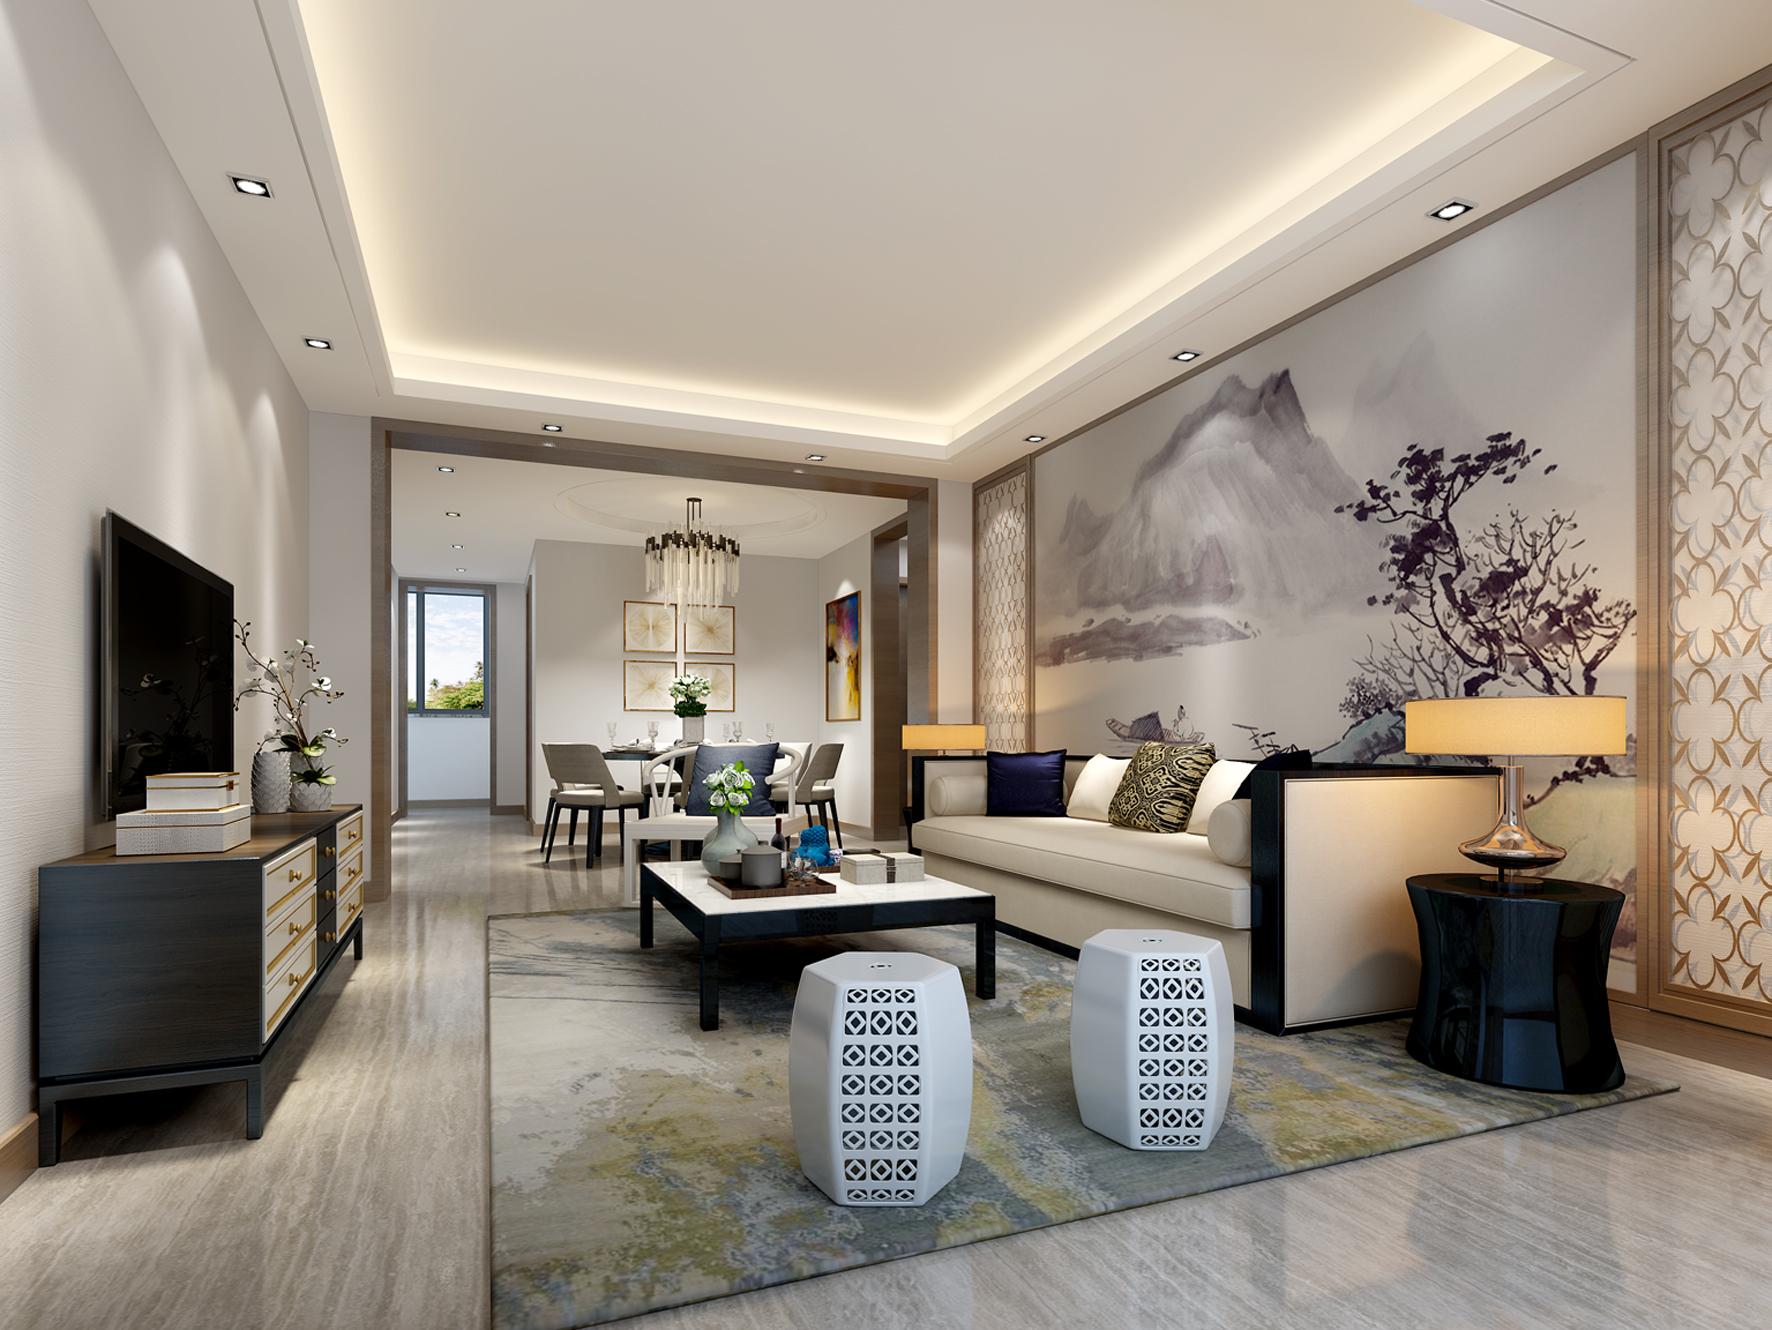 法式 四居 客厅图片来自轻舟装饰-90后的华仔在安园小区-160平米-新中式的分享